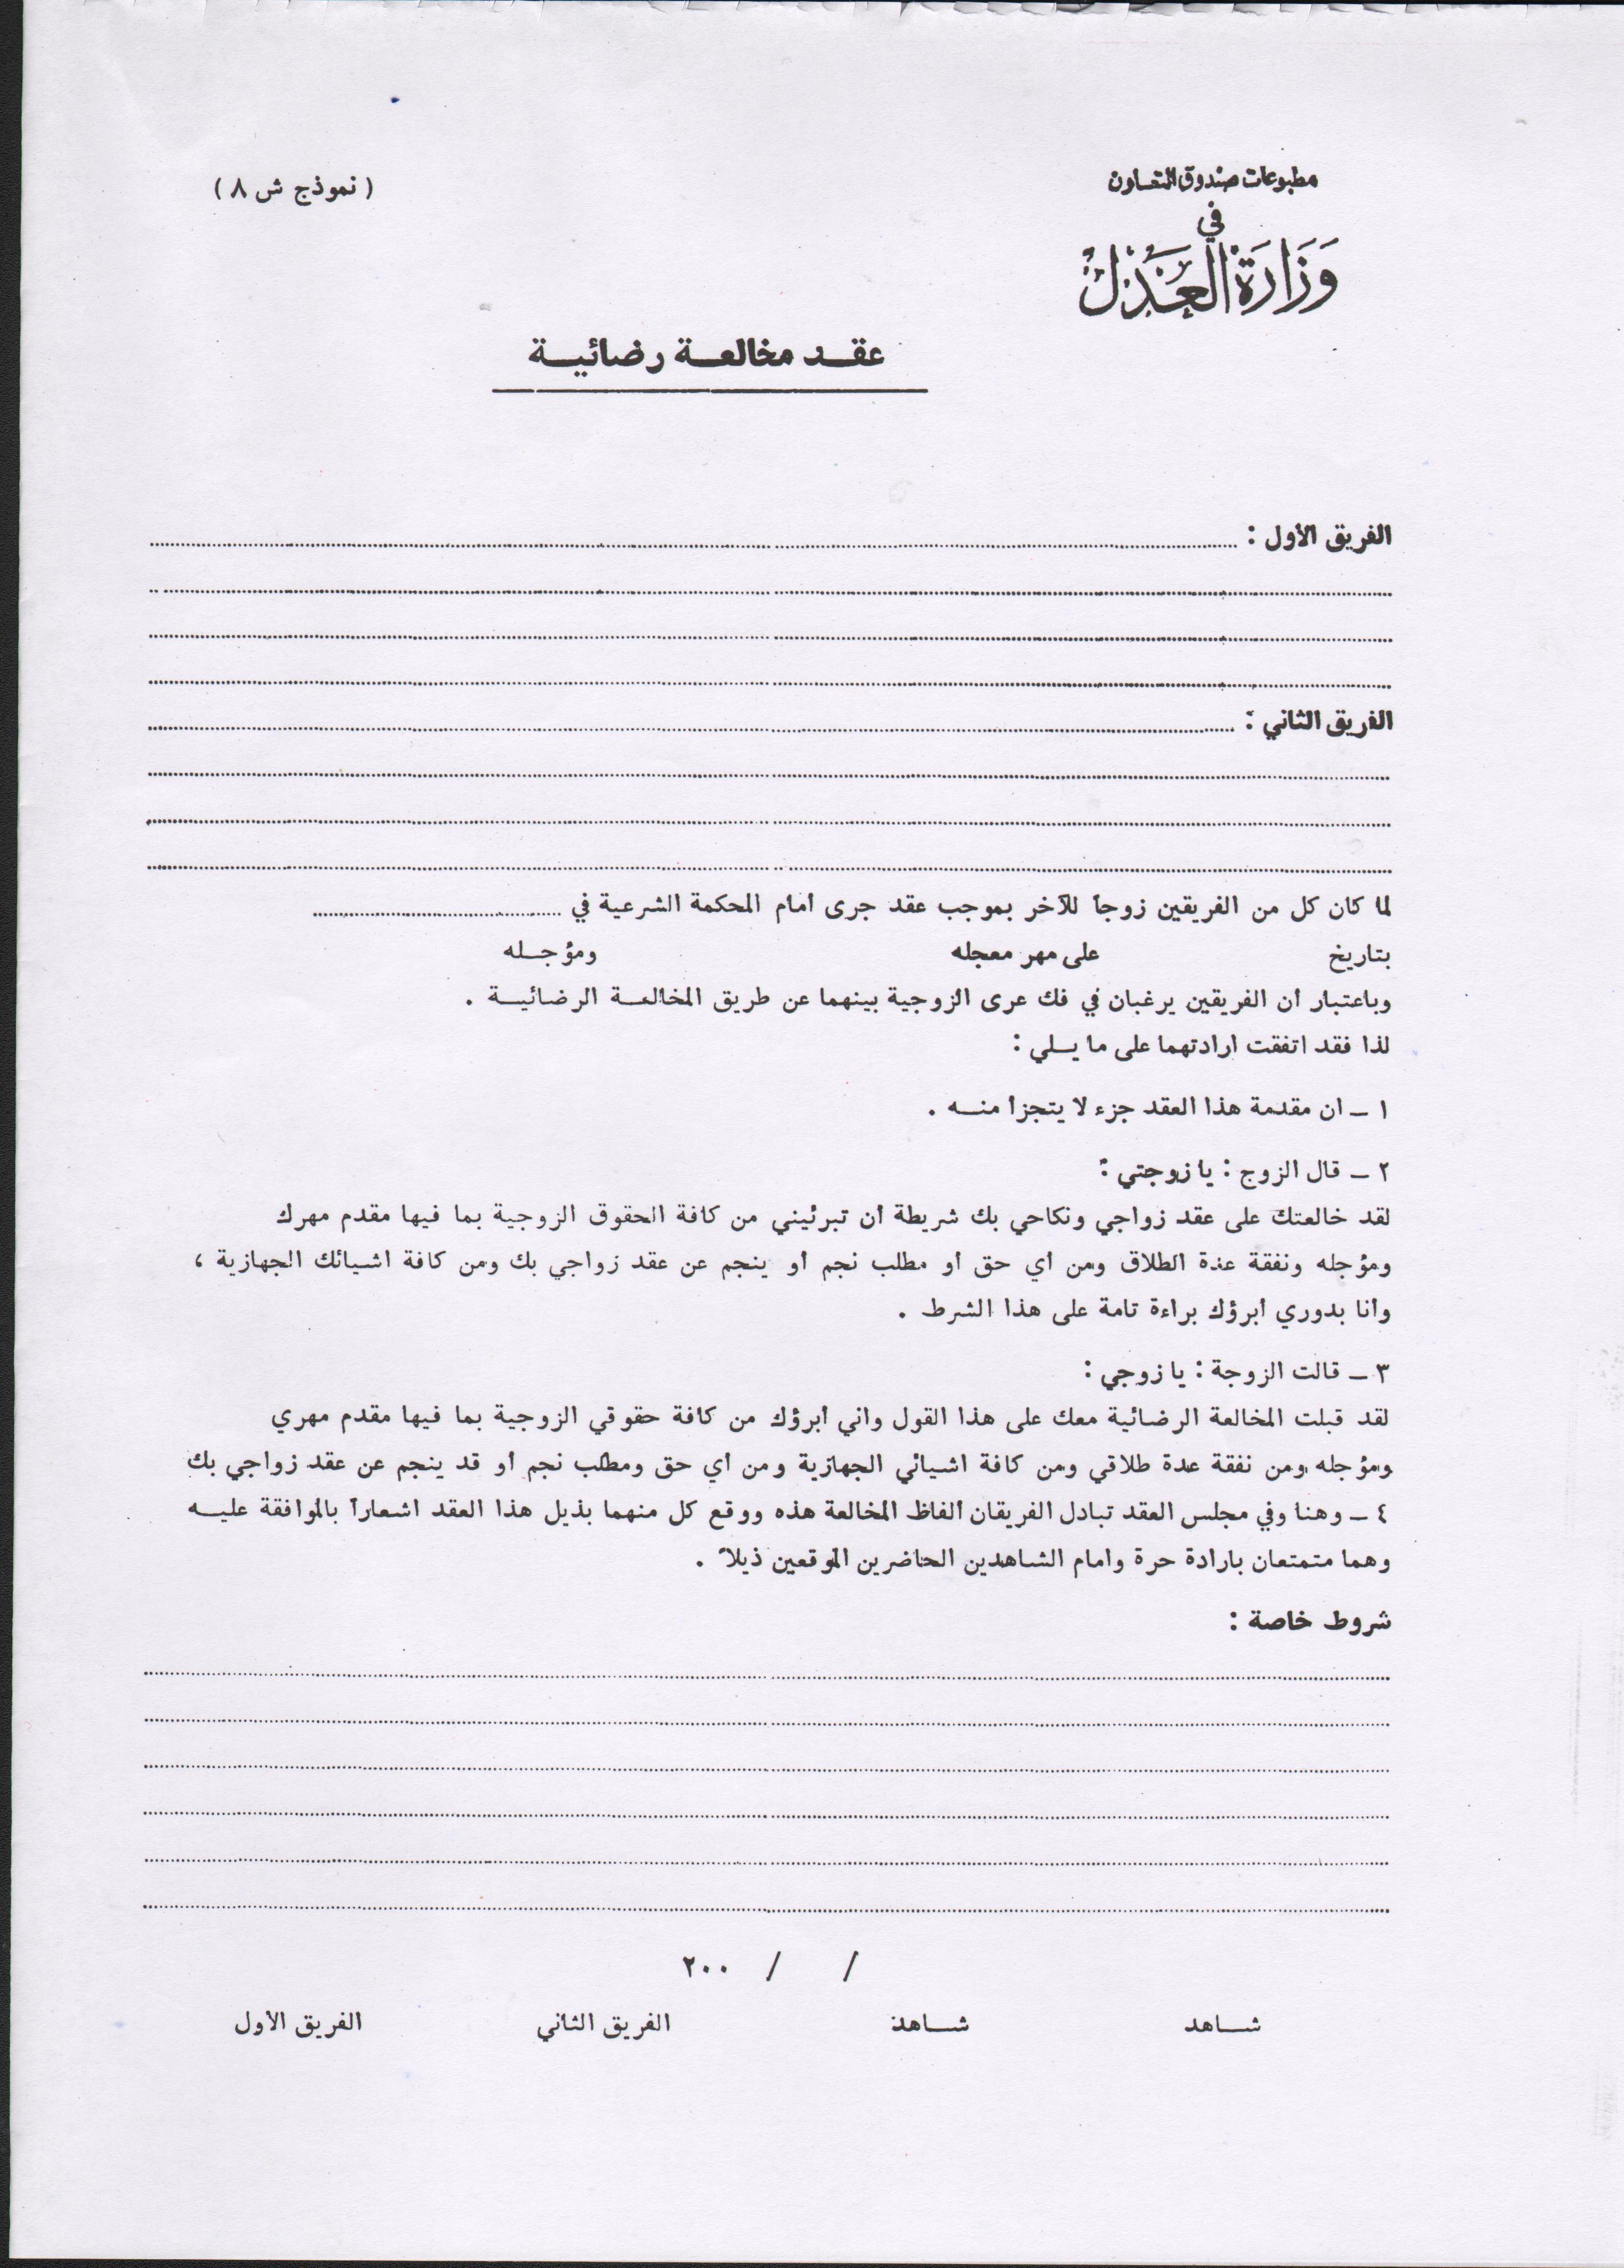 الگو نمد ملوان عقد ايجار اردني